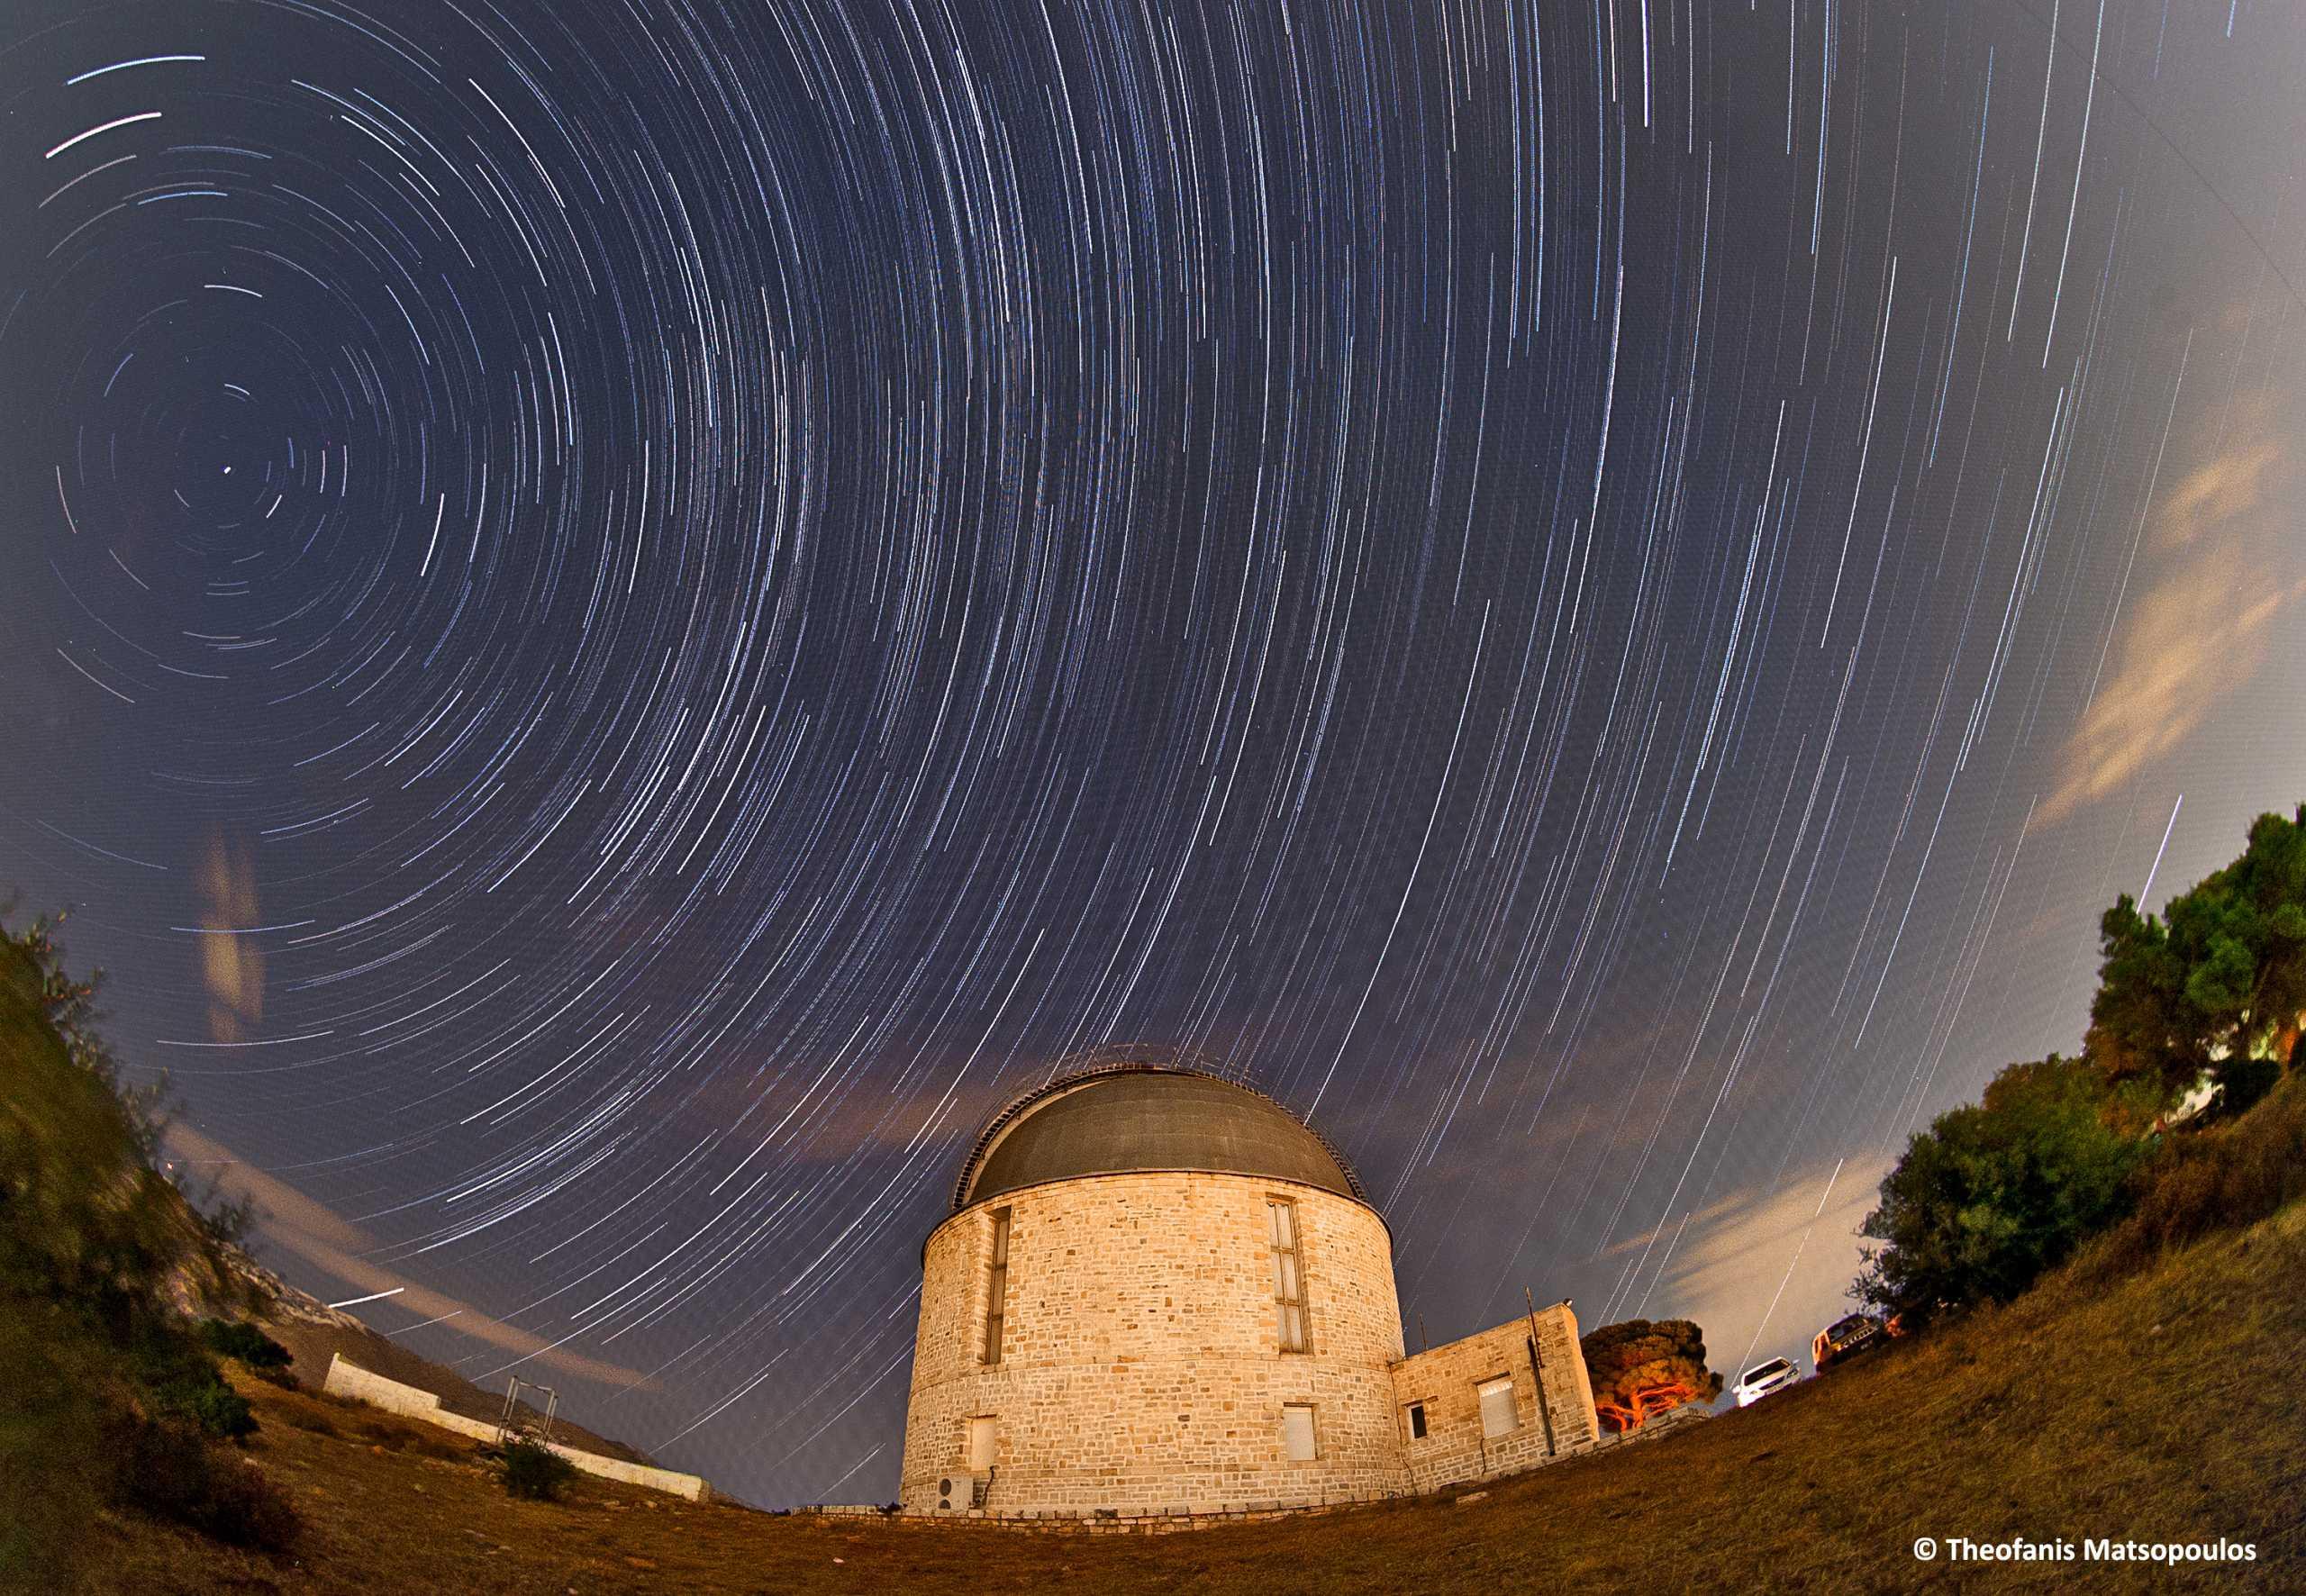 Εθνικό Αστεροσκοπείο Αθηνών: Νέο πρόγραμμα επισκέψεων για τα σχολεία από το Κέντρο Επισκεπτών Πεντέλης